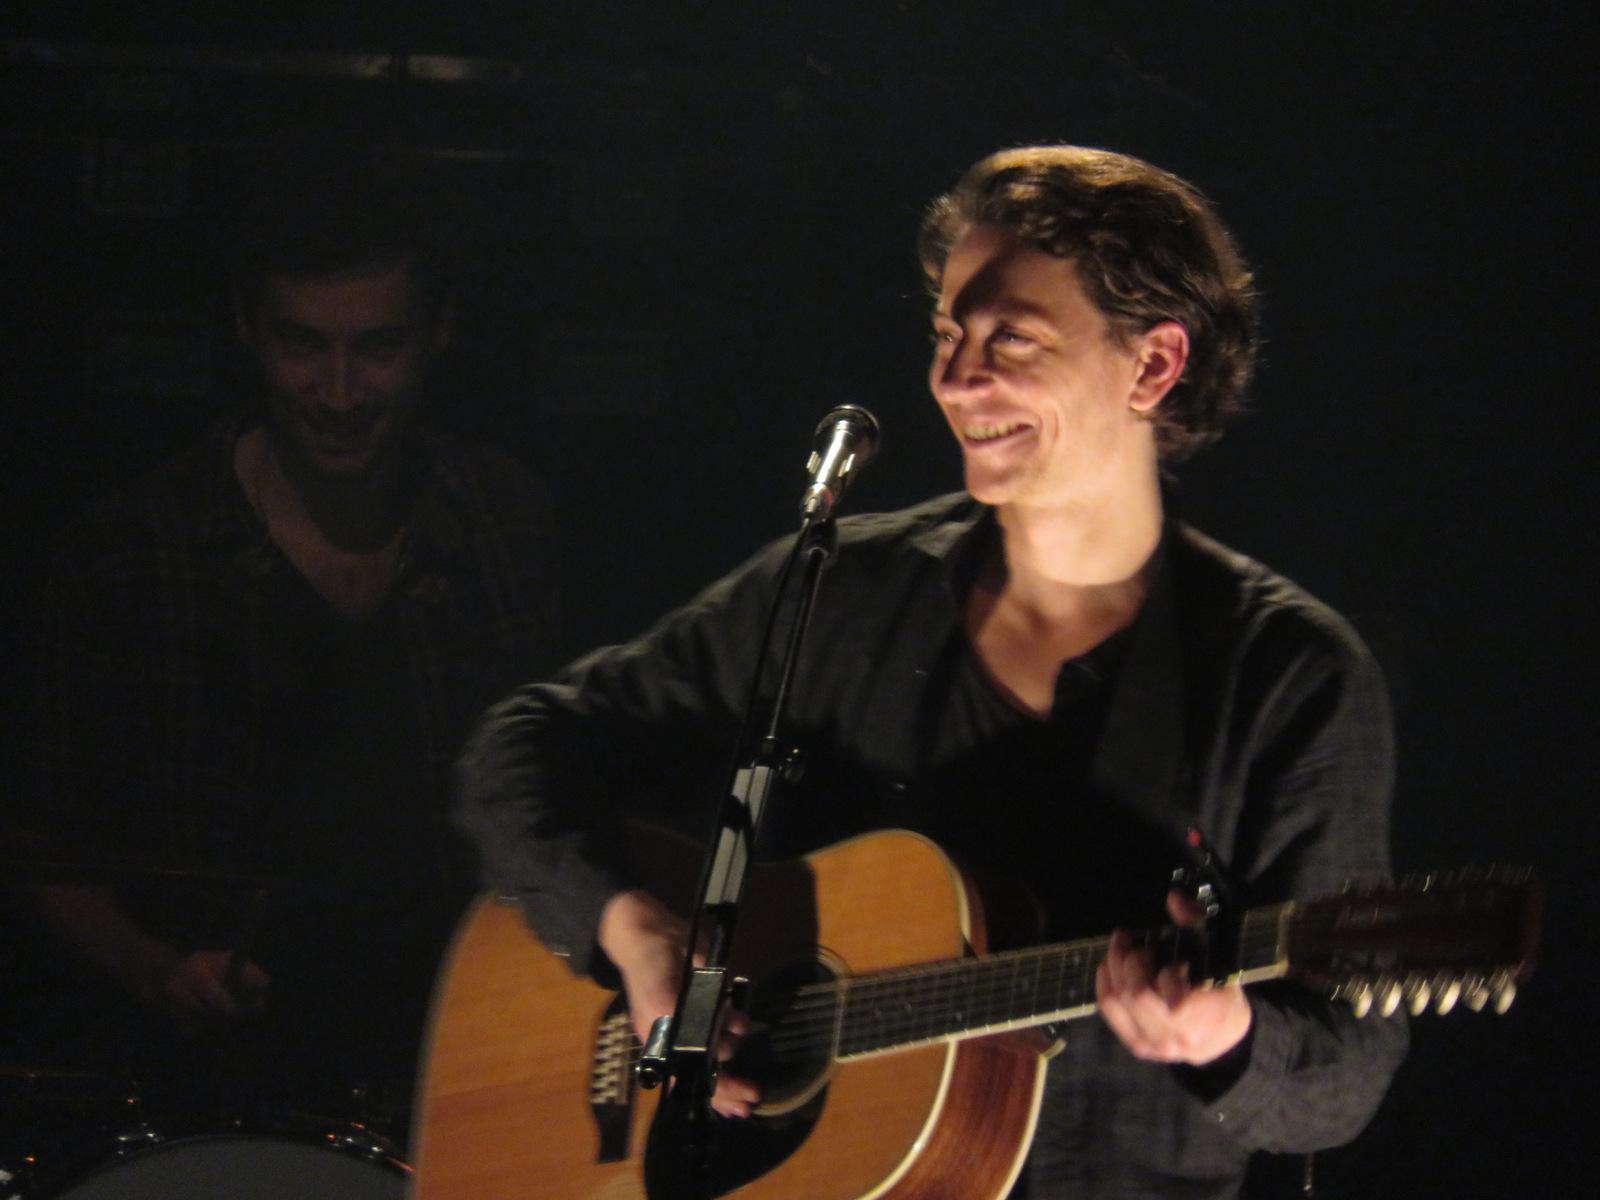 Raphaël - Concert - Forum de Liège - Décembre 2015 (262)